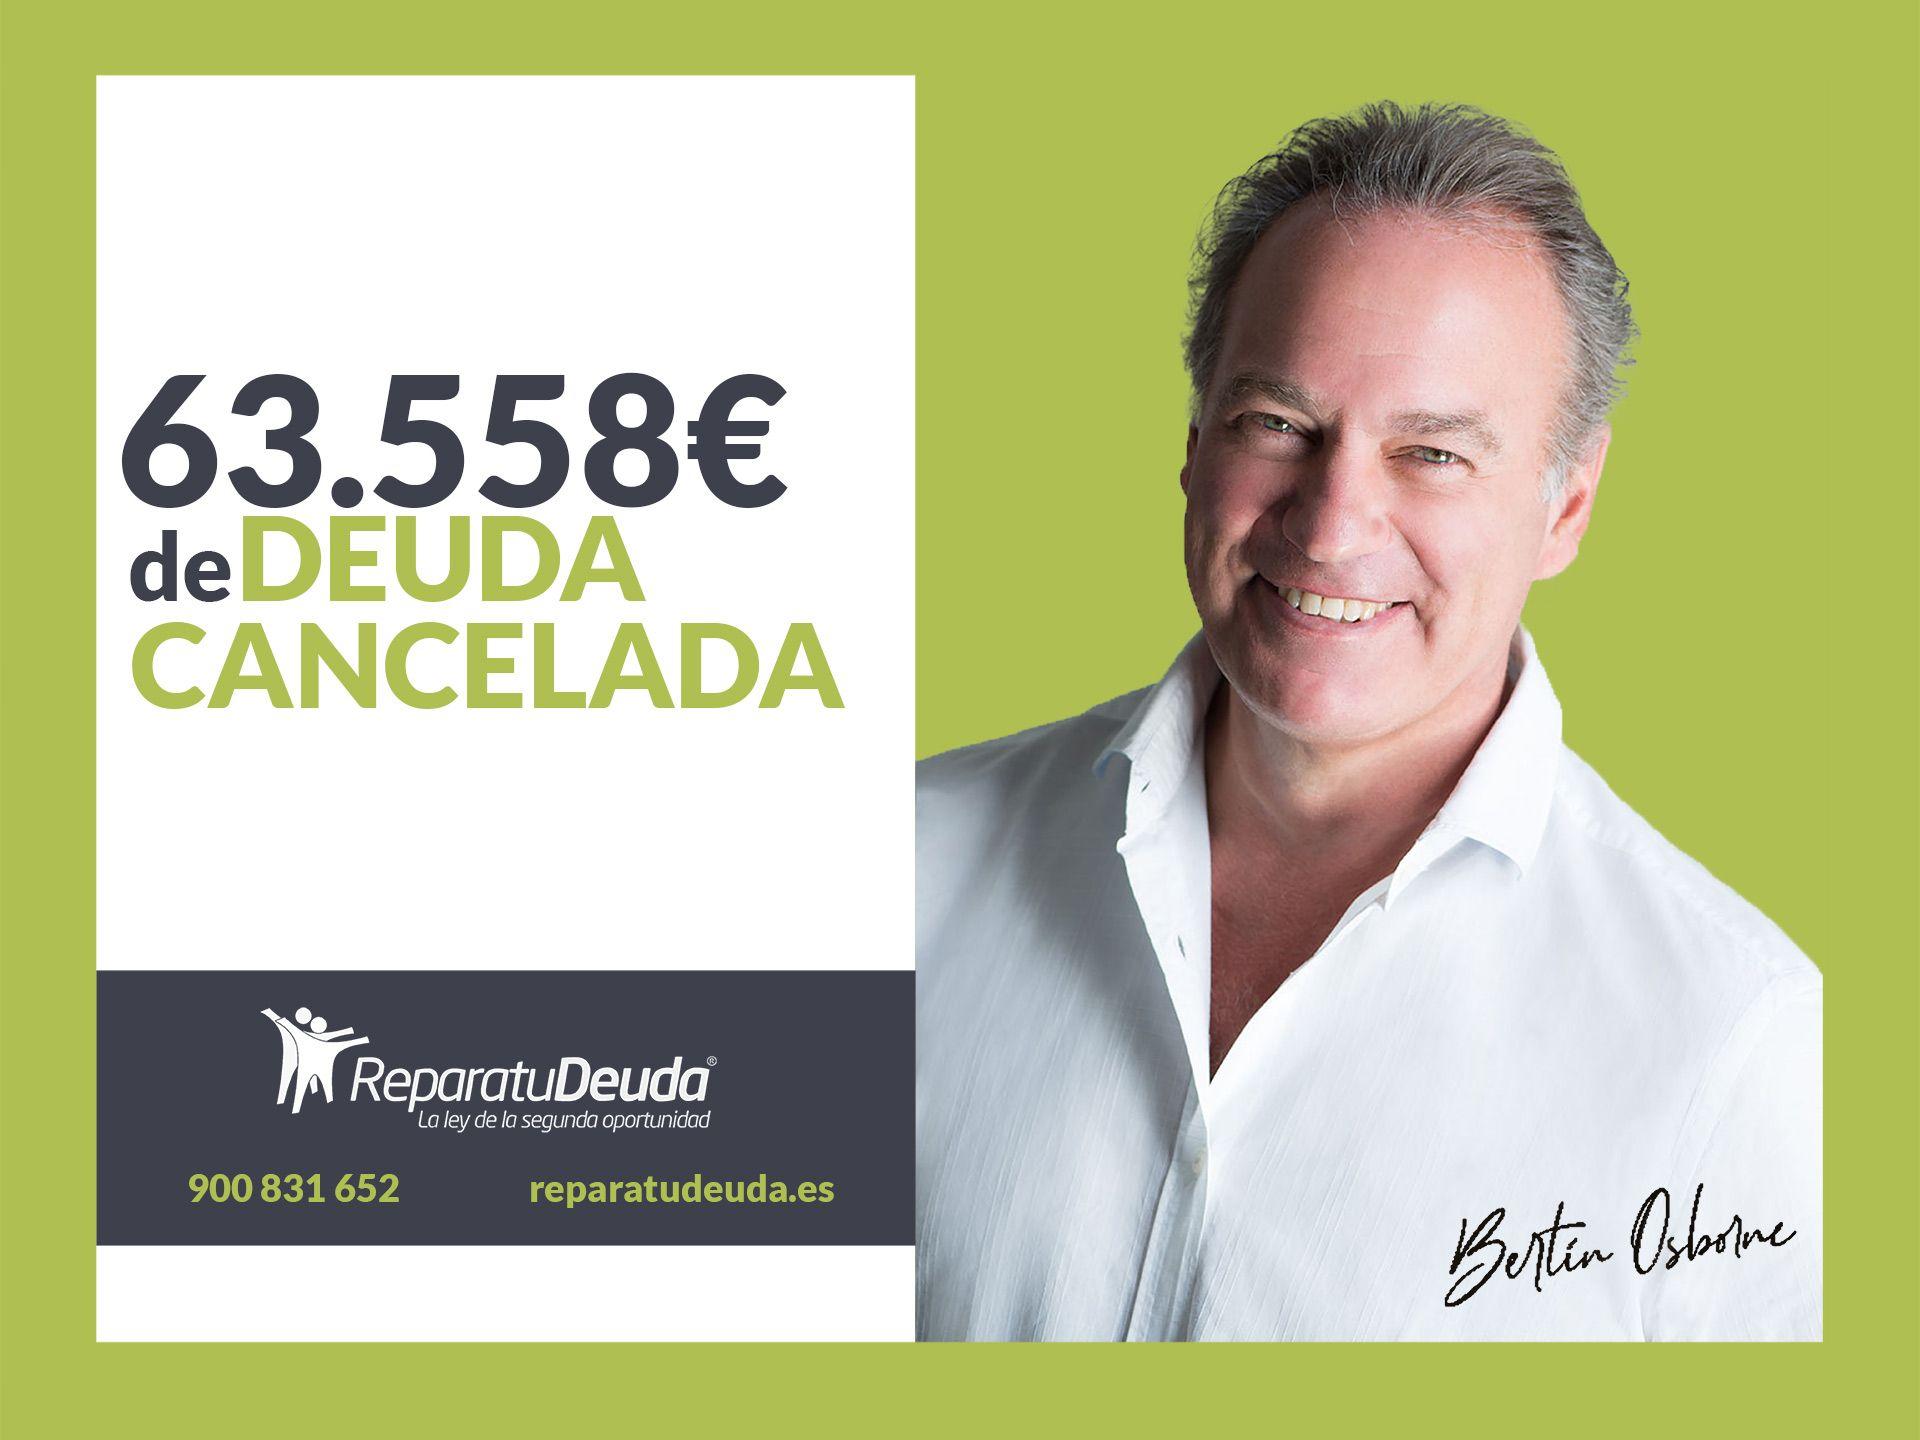 Repara tu Deuda Abogados cancela 63.558 ? en Donostia (Gipuzkoa) con la Ley de la Segunda Oportunidad